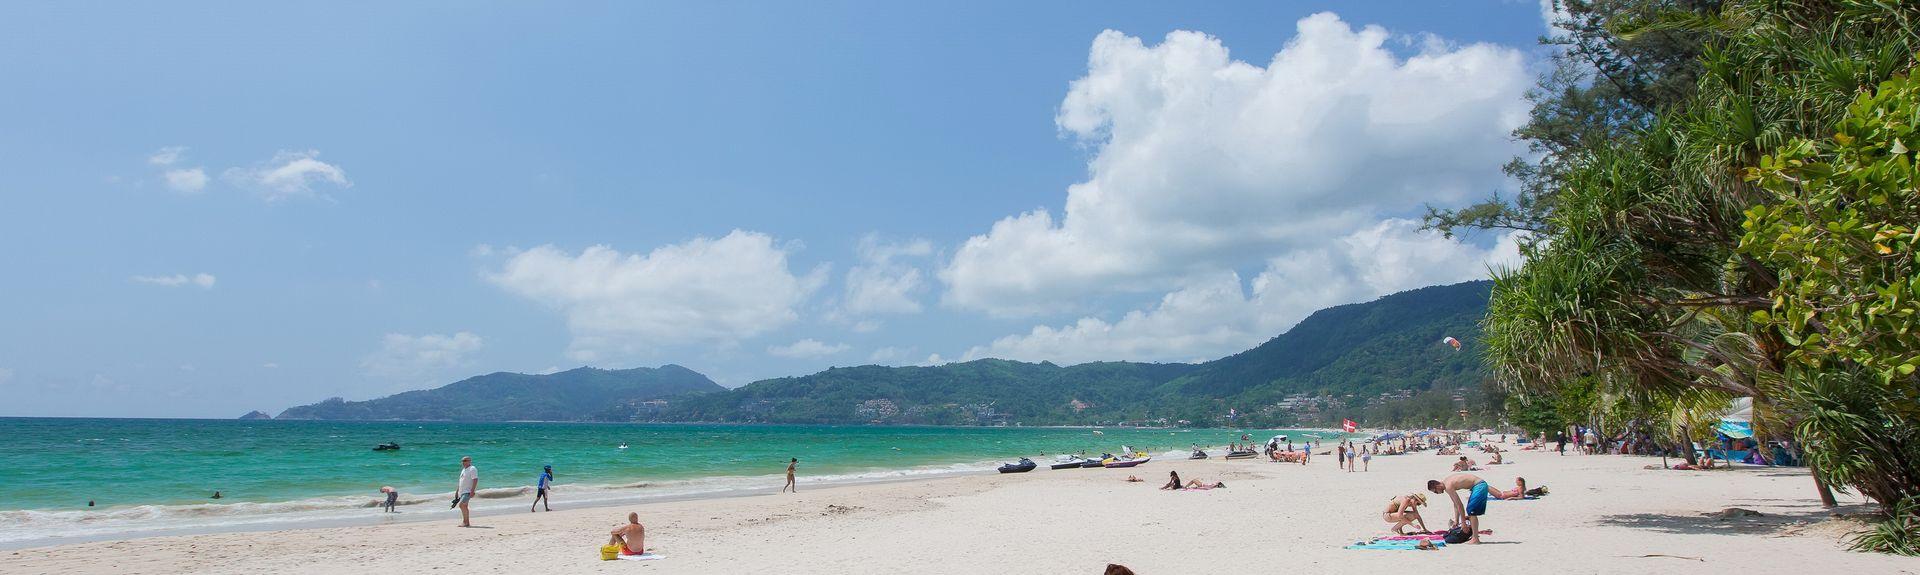 Praia de Kata, Karon, Phuket, Tailândia